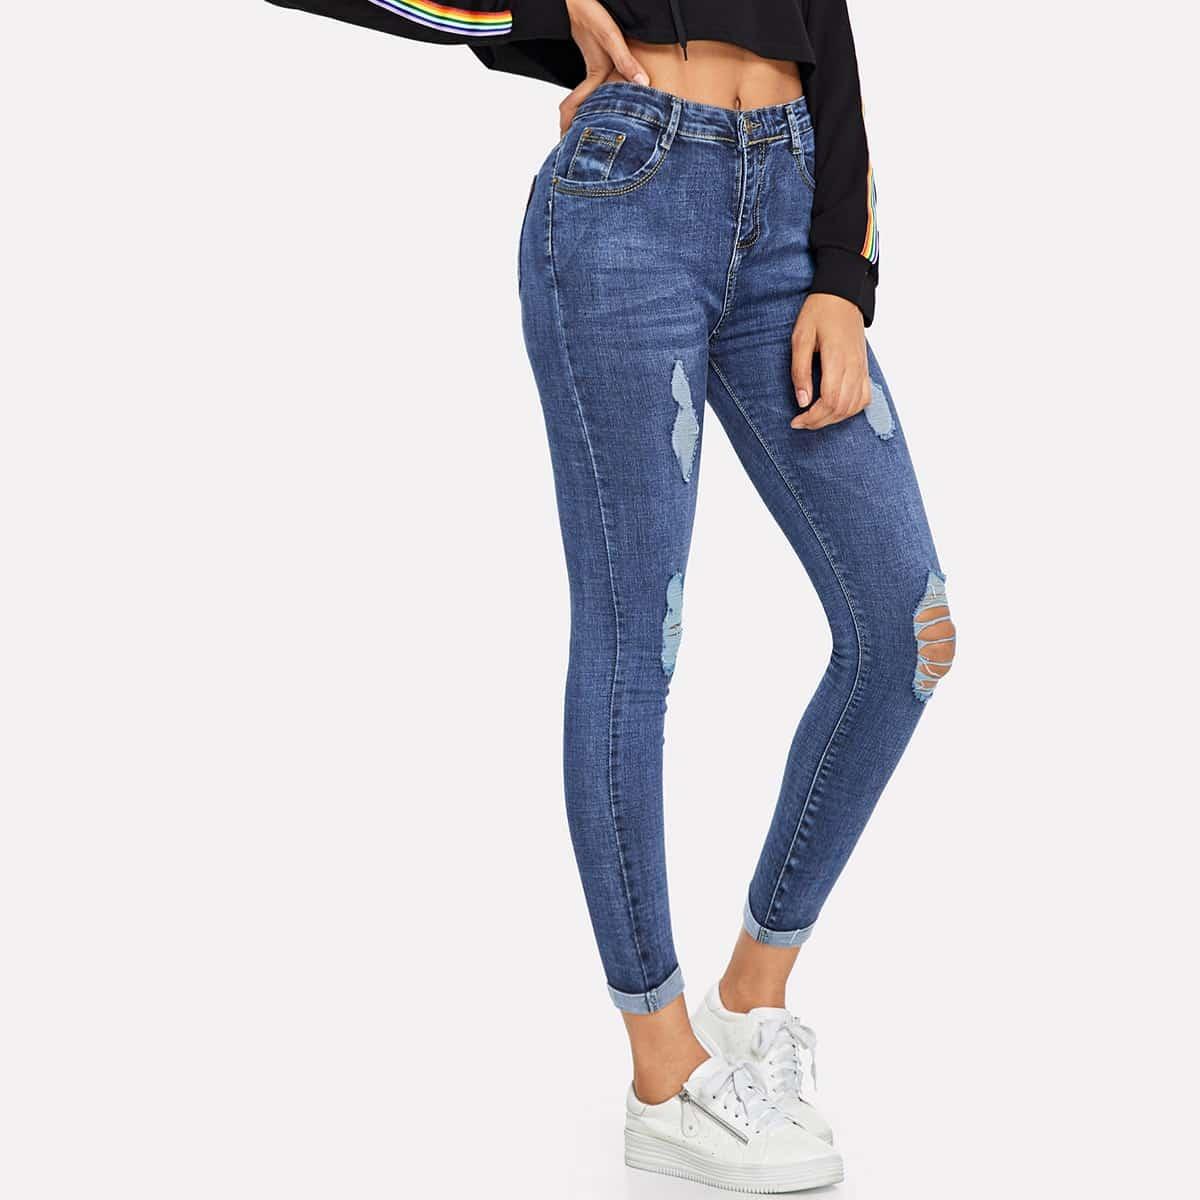 shein Gescheurde Jeans met Opgerolde Zoom